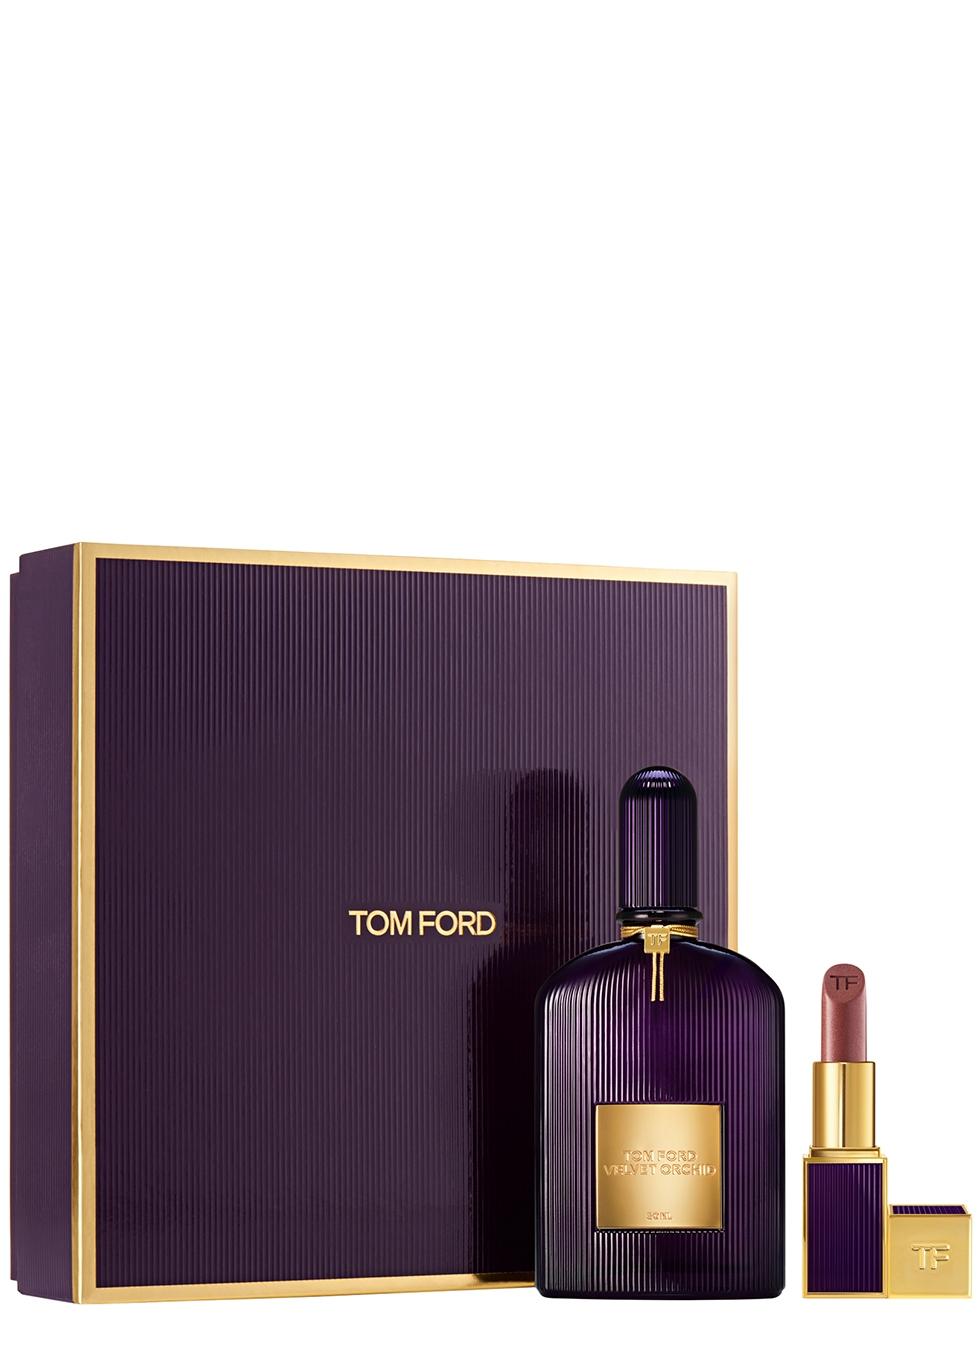 Velvet Orchid Eau De Parfum & Lip Color Set - Tom Ford